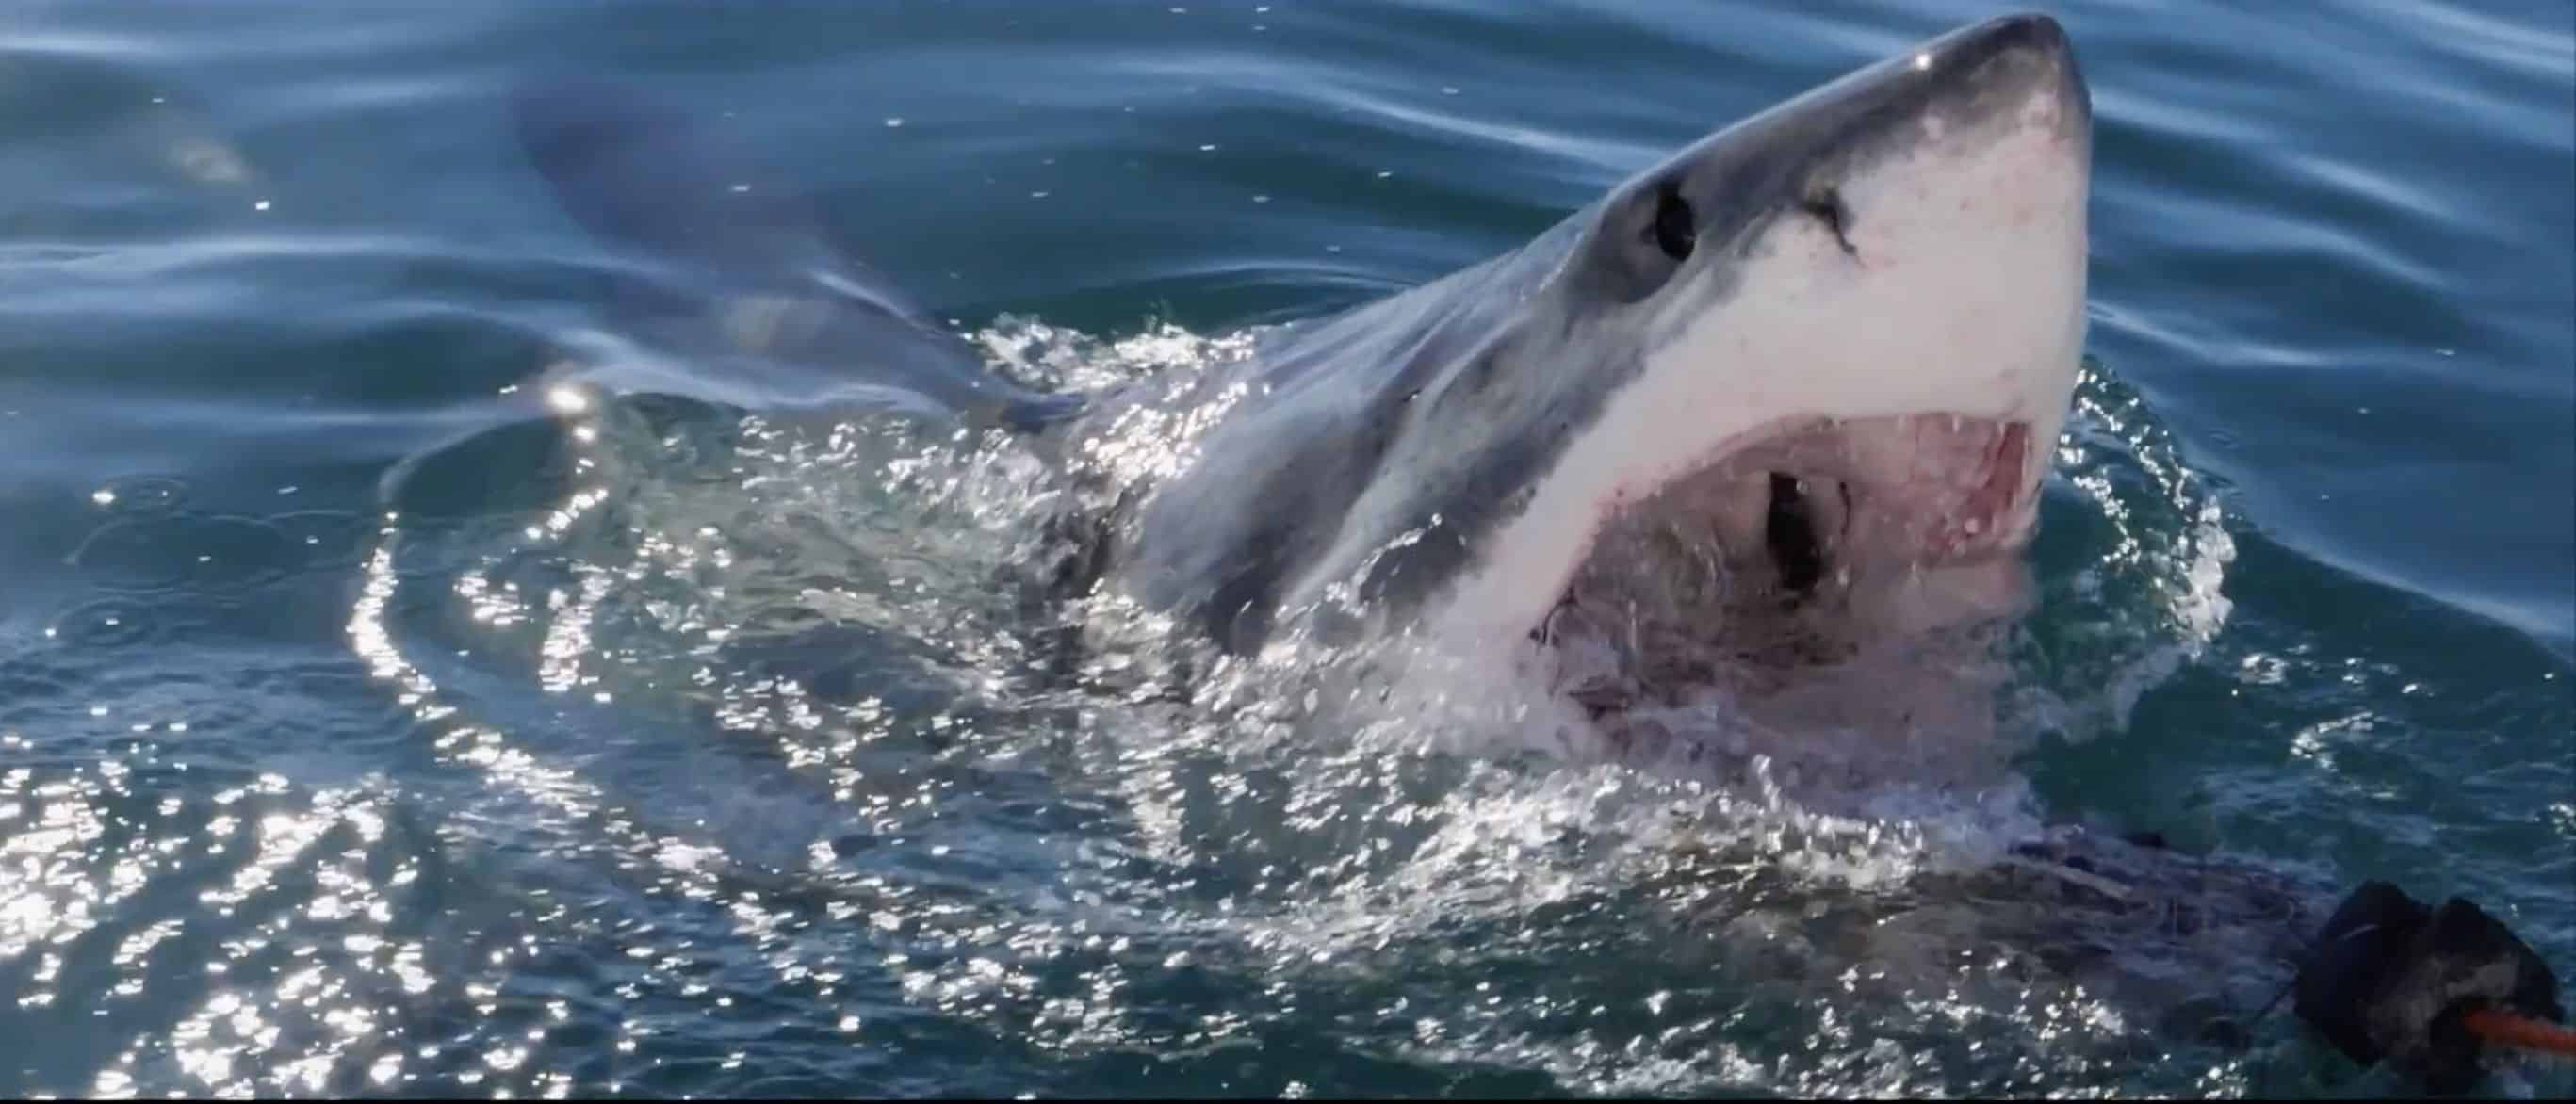 Spektakuläre Aufnahmen von Filmer Dan Abbott: Ein Weißer Hai fliegt durch die Luft. Foto: Youtube